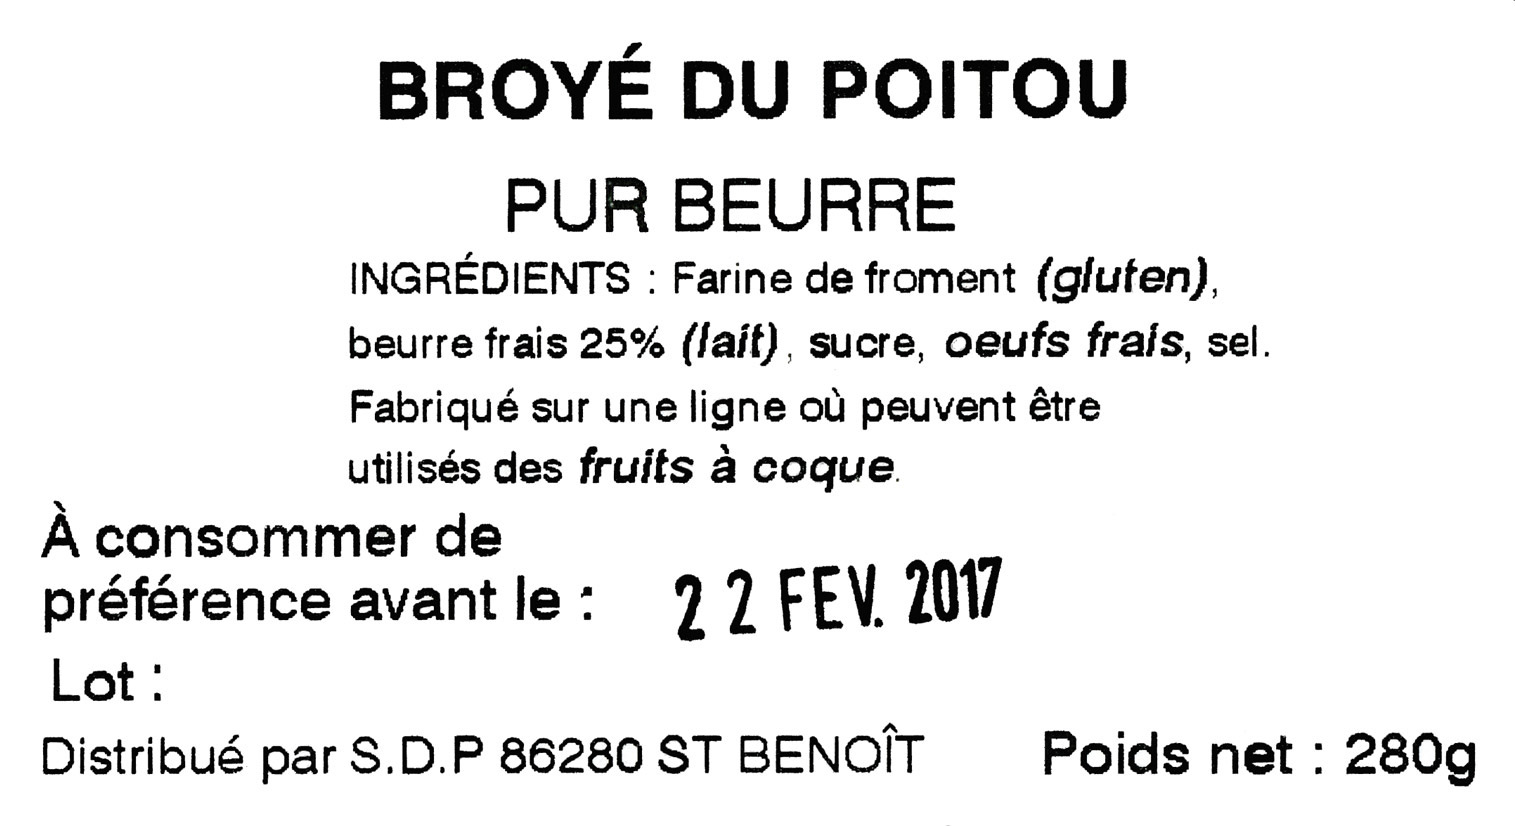 Les broyés du Poitou viennent de la Biscuiterie Augereau